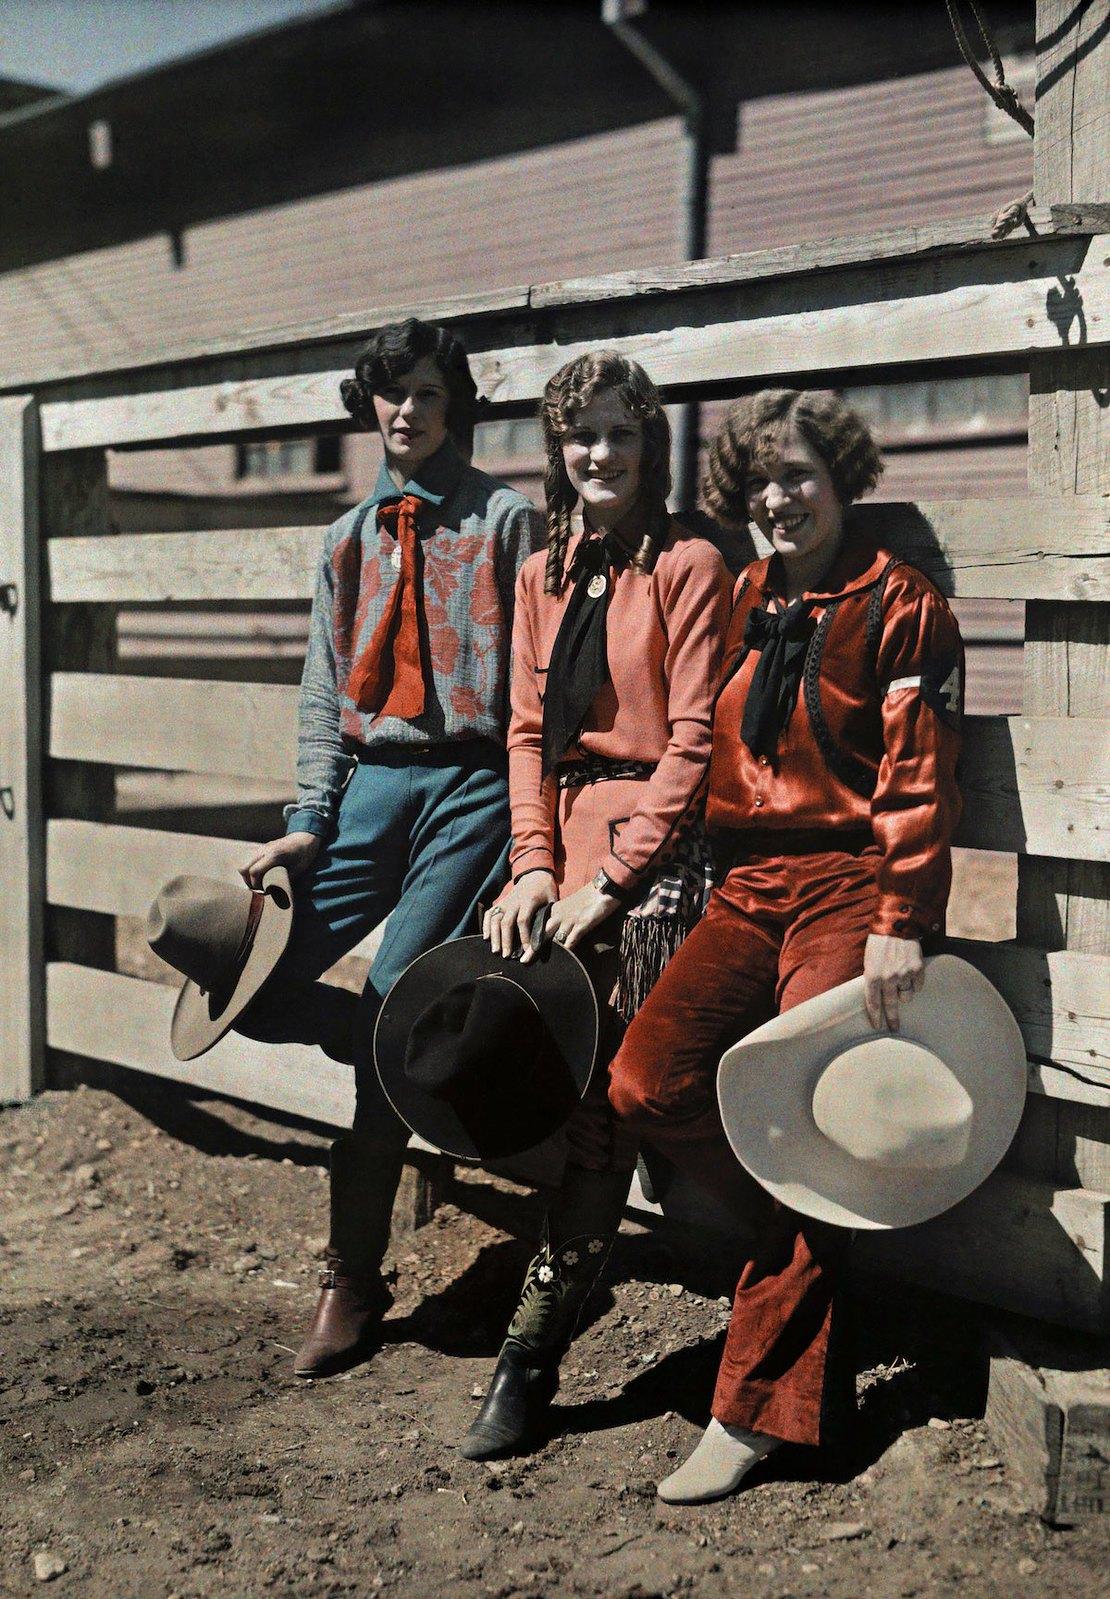 1928. Форт-Уэрт, штат Техас – три молодые женщины на родео. Клифтон Р. Адамс